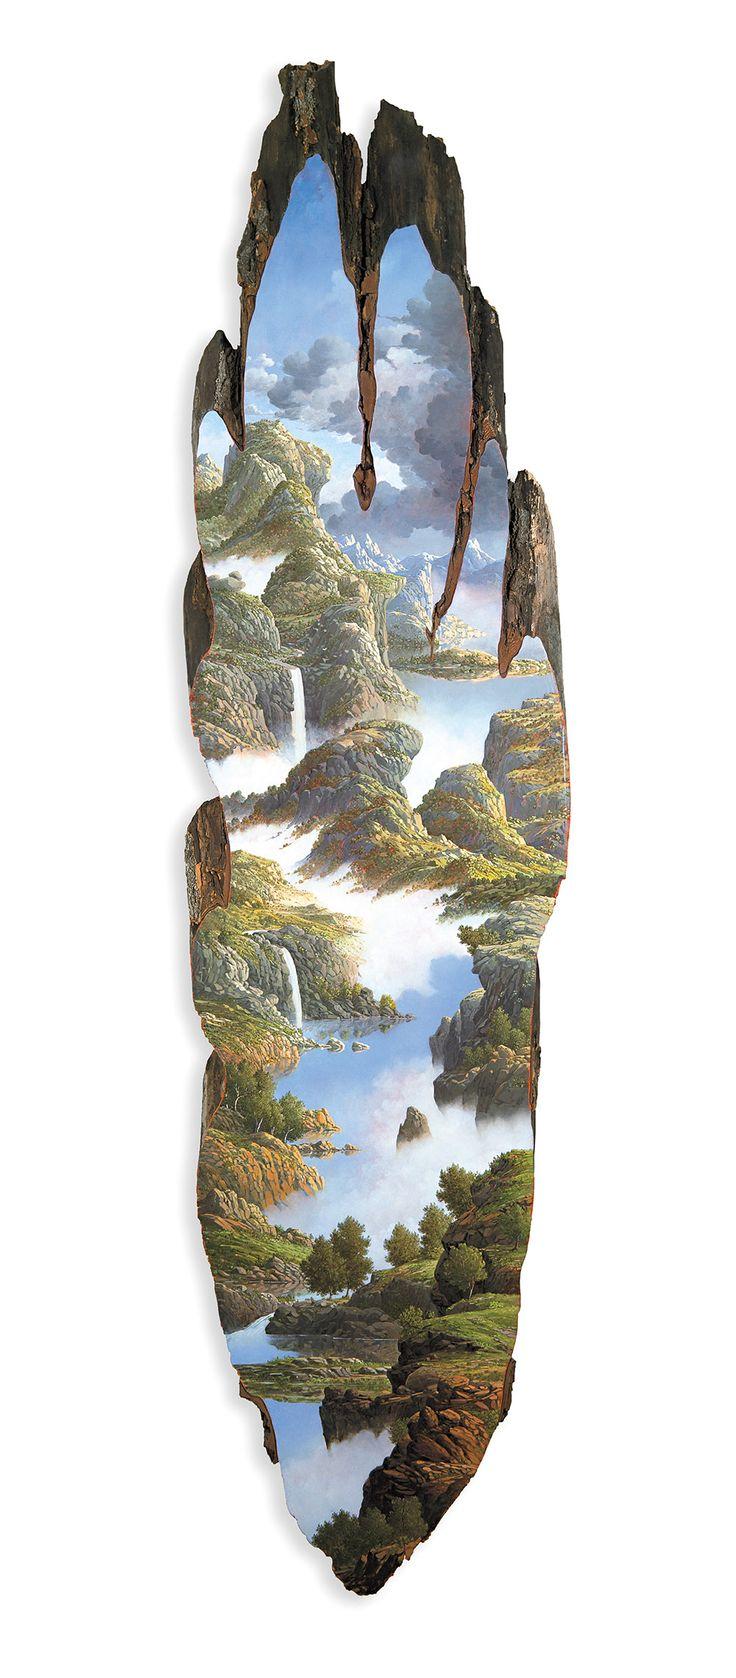 dipinti-tronchi-alberi-tagliati-arte-ambiente-alison-moritsugu-07